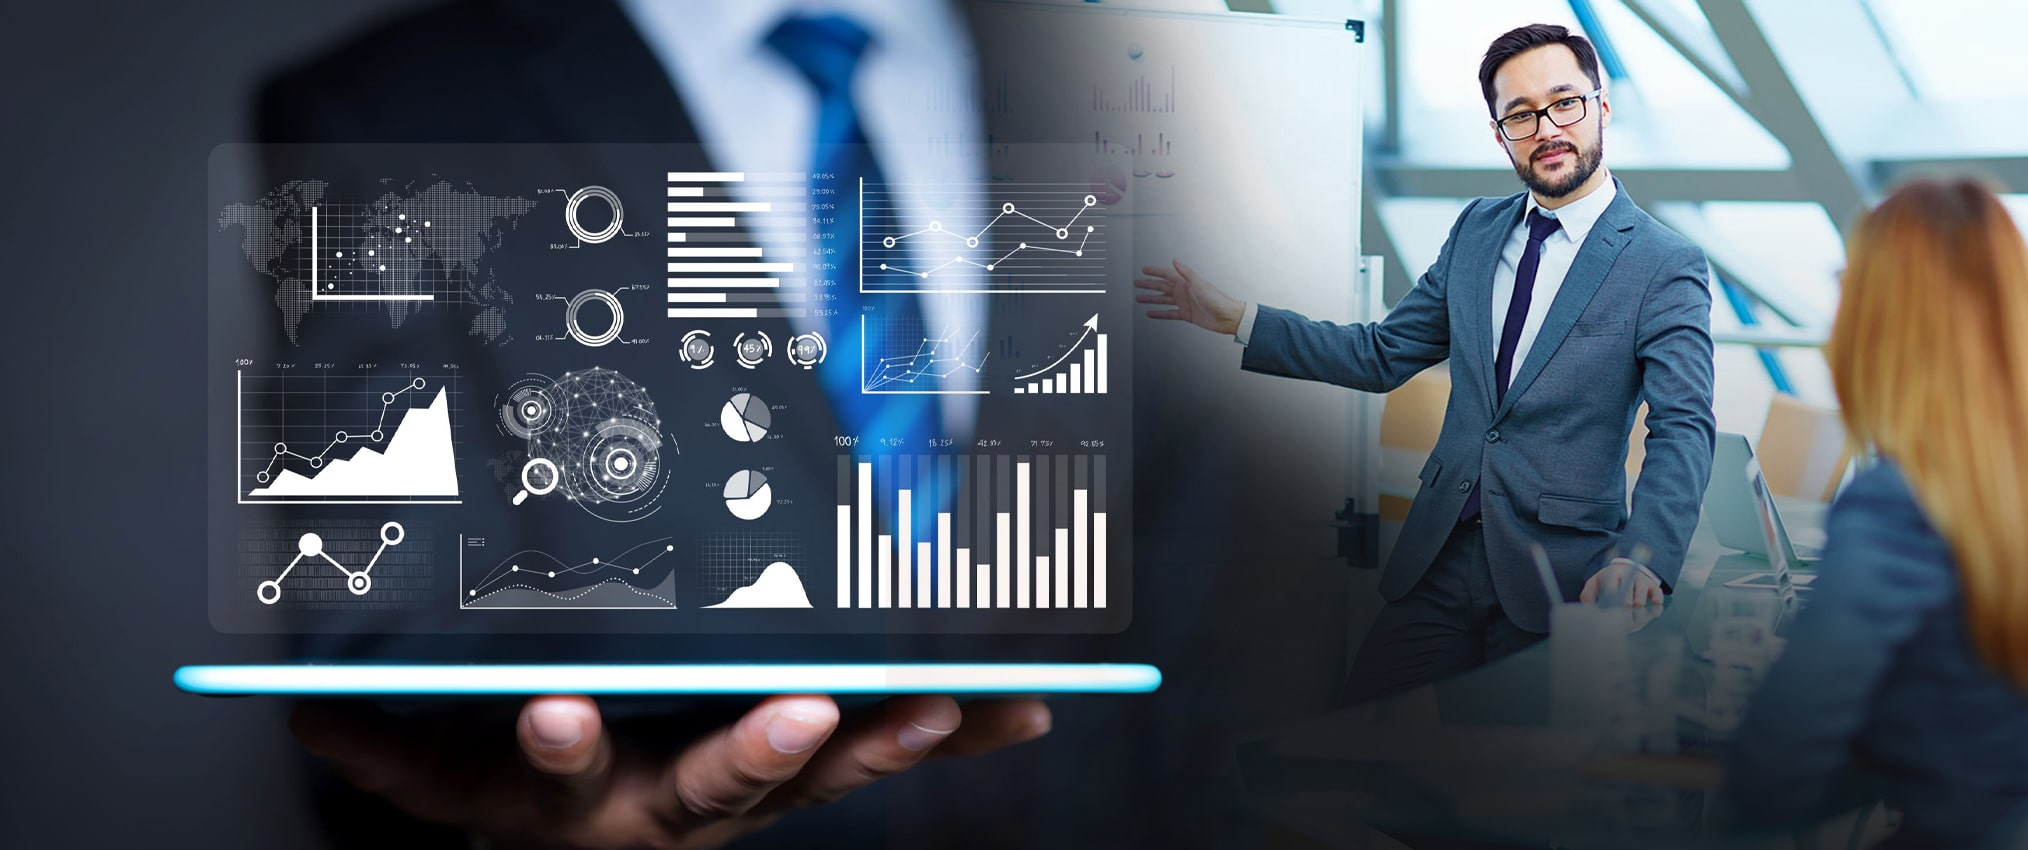 big data analytics business